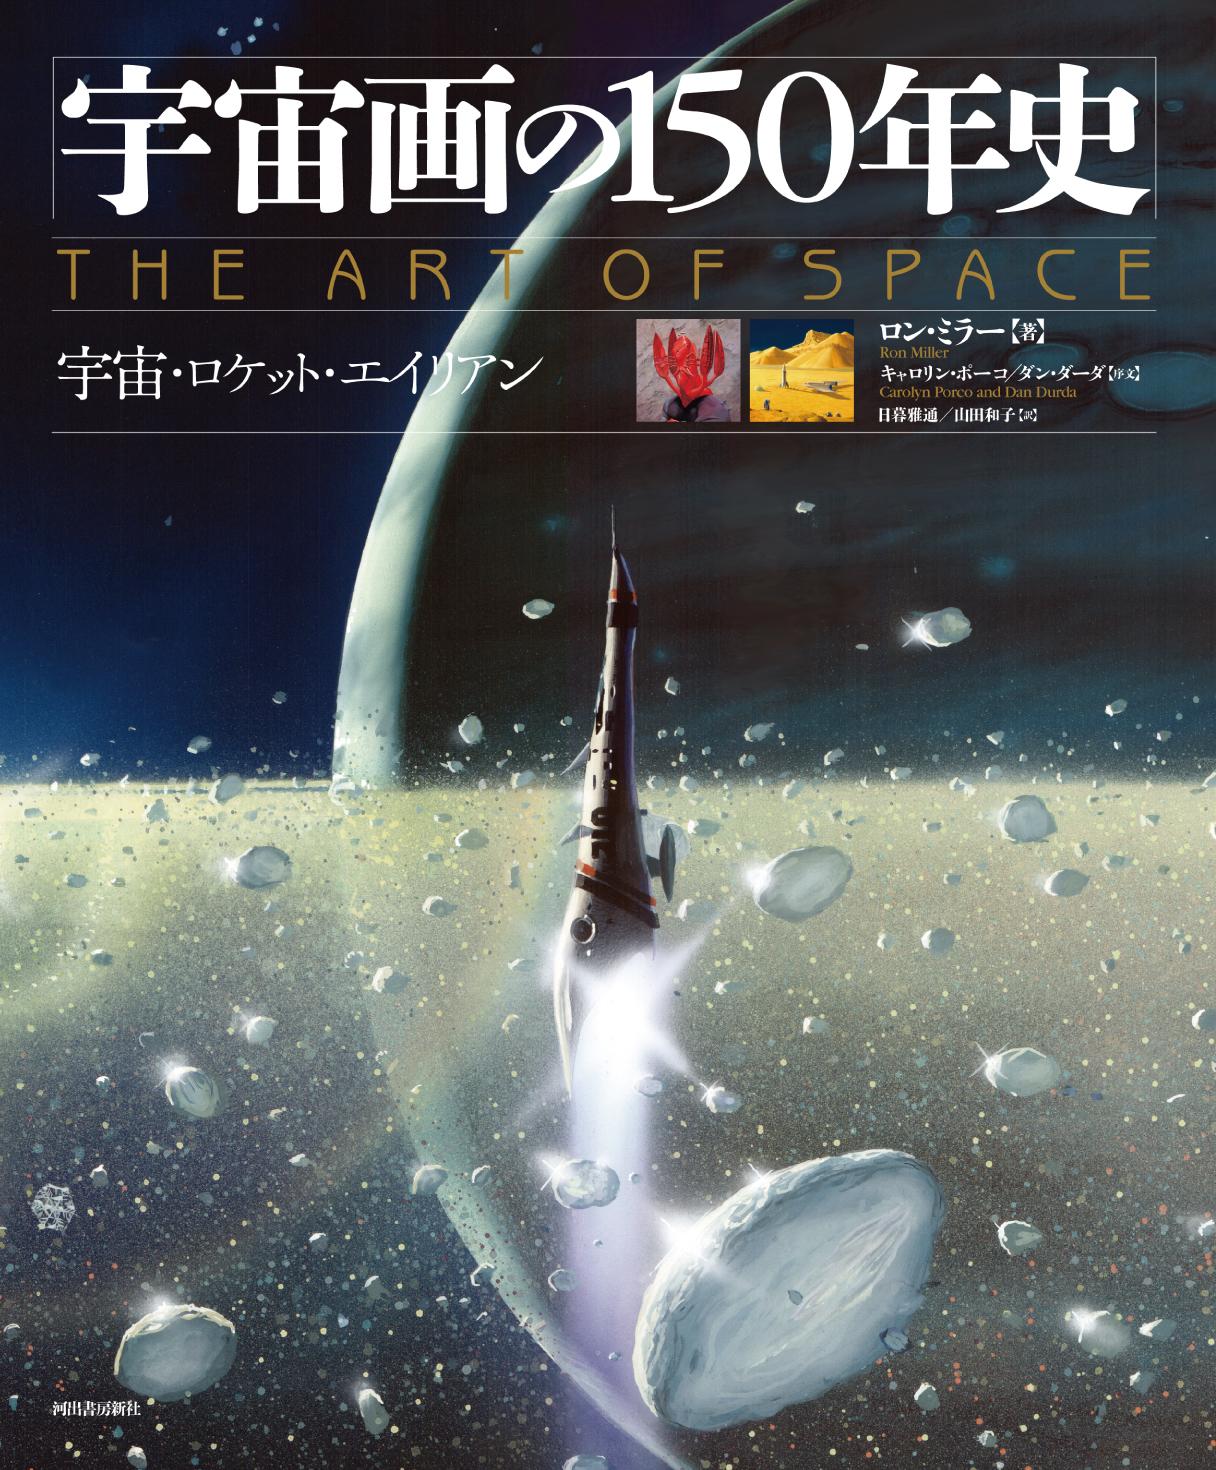 『宇宙画の150年史』ロン・ミラー